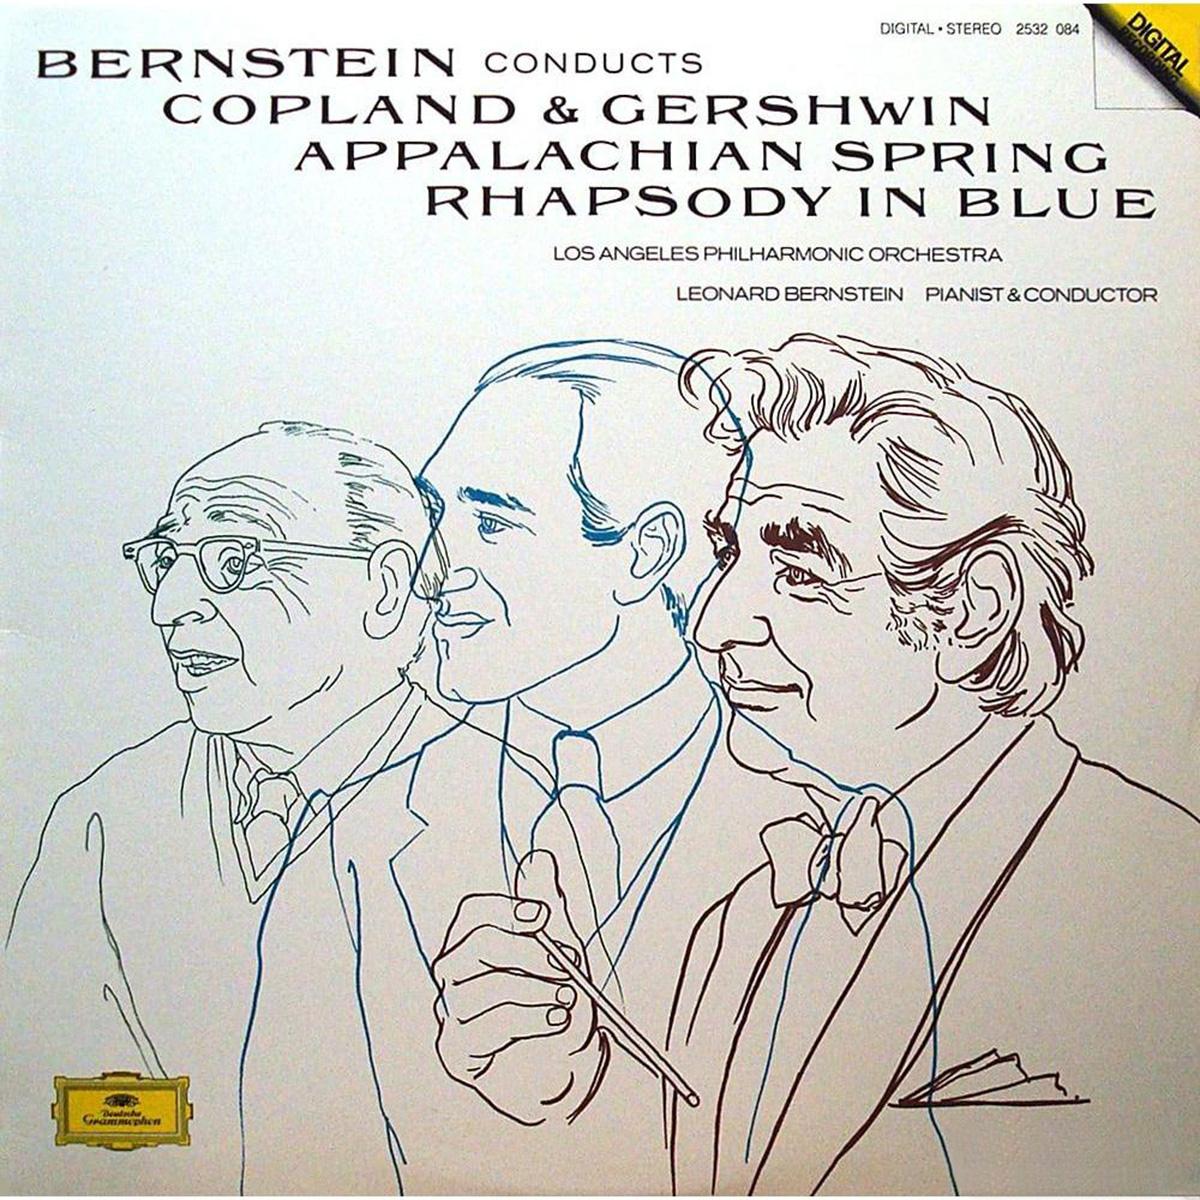 DGG 2532084 Copland Gershwin Bernstein